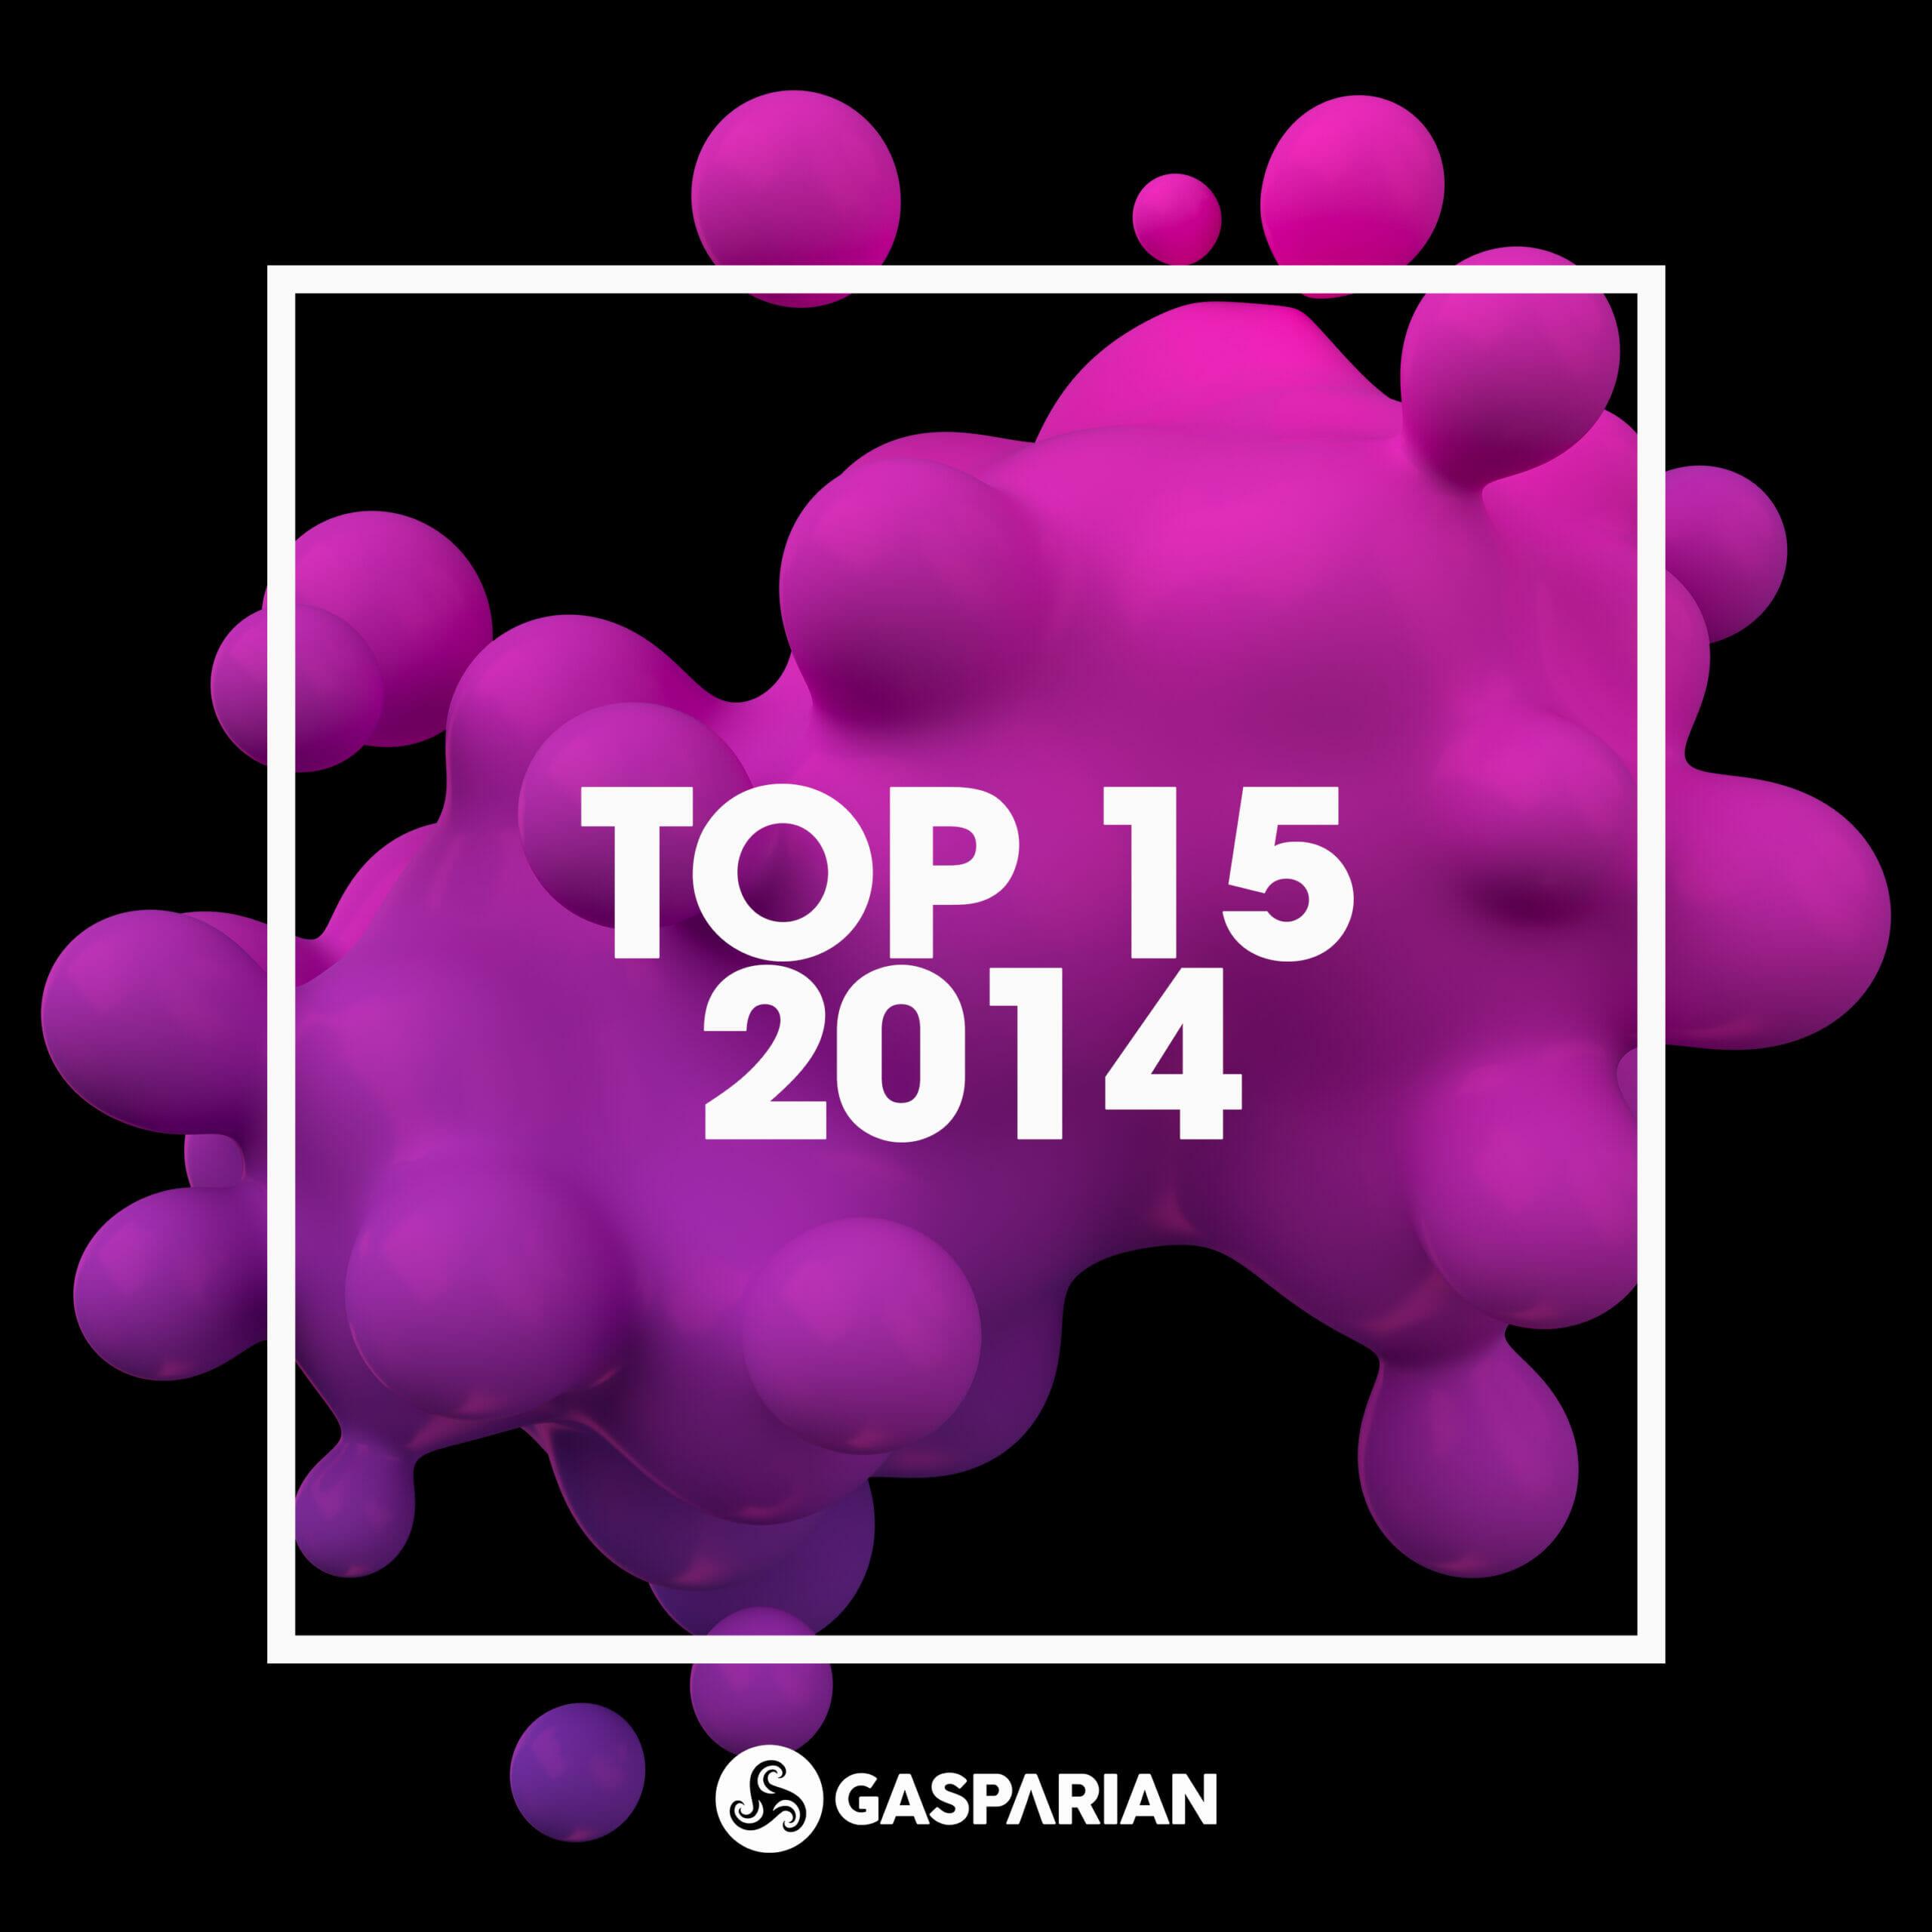 Top 15 | 2014